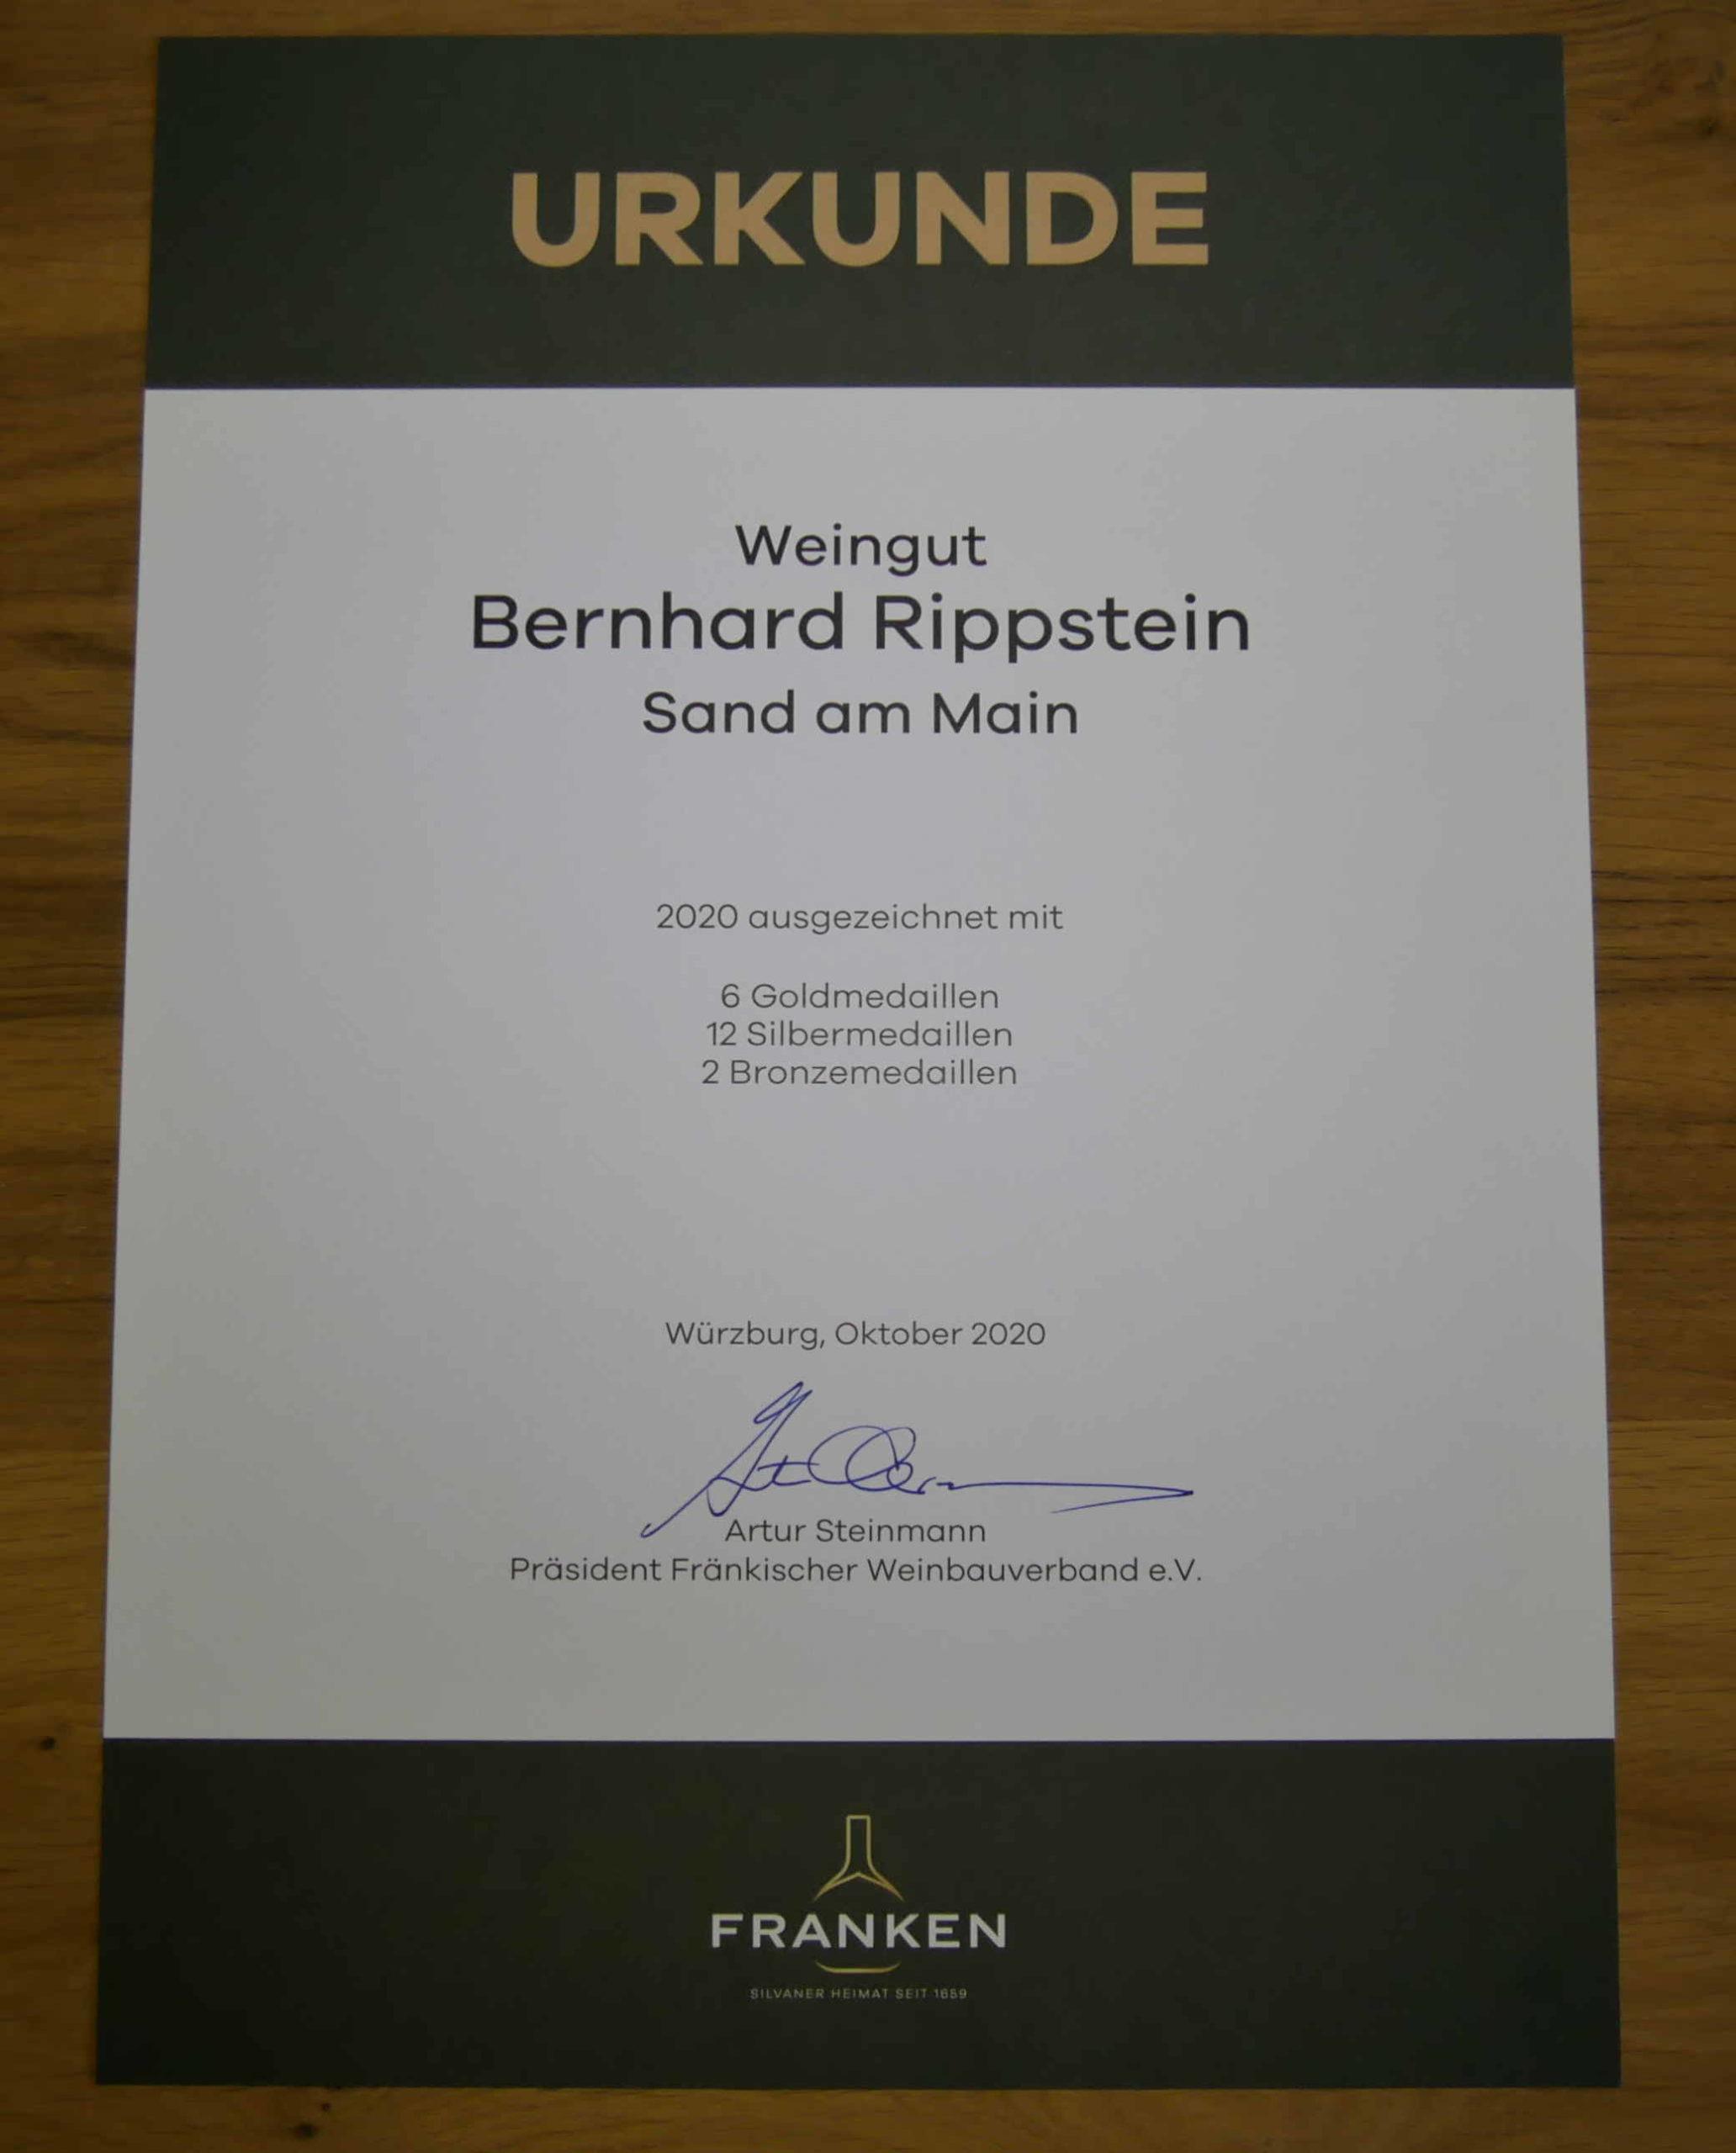 Urkunde Weingut Bernhard Rippstein Fränkische Weinprämierung 2020